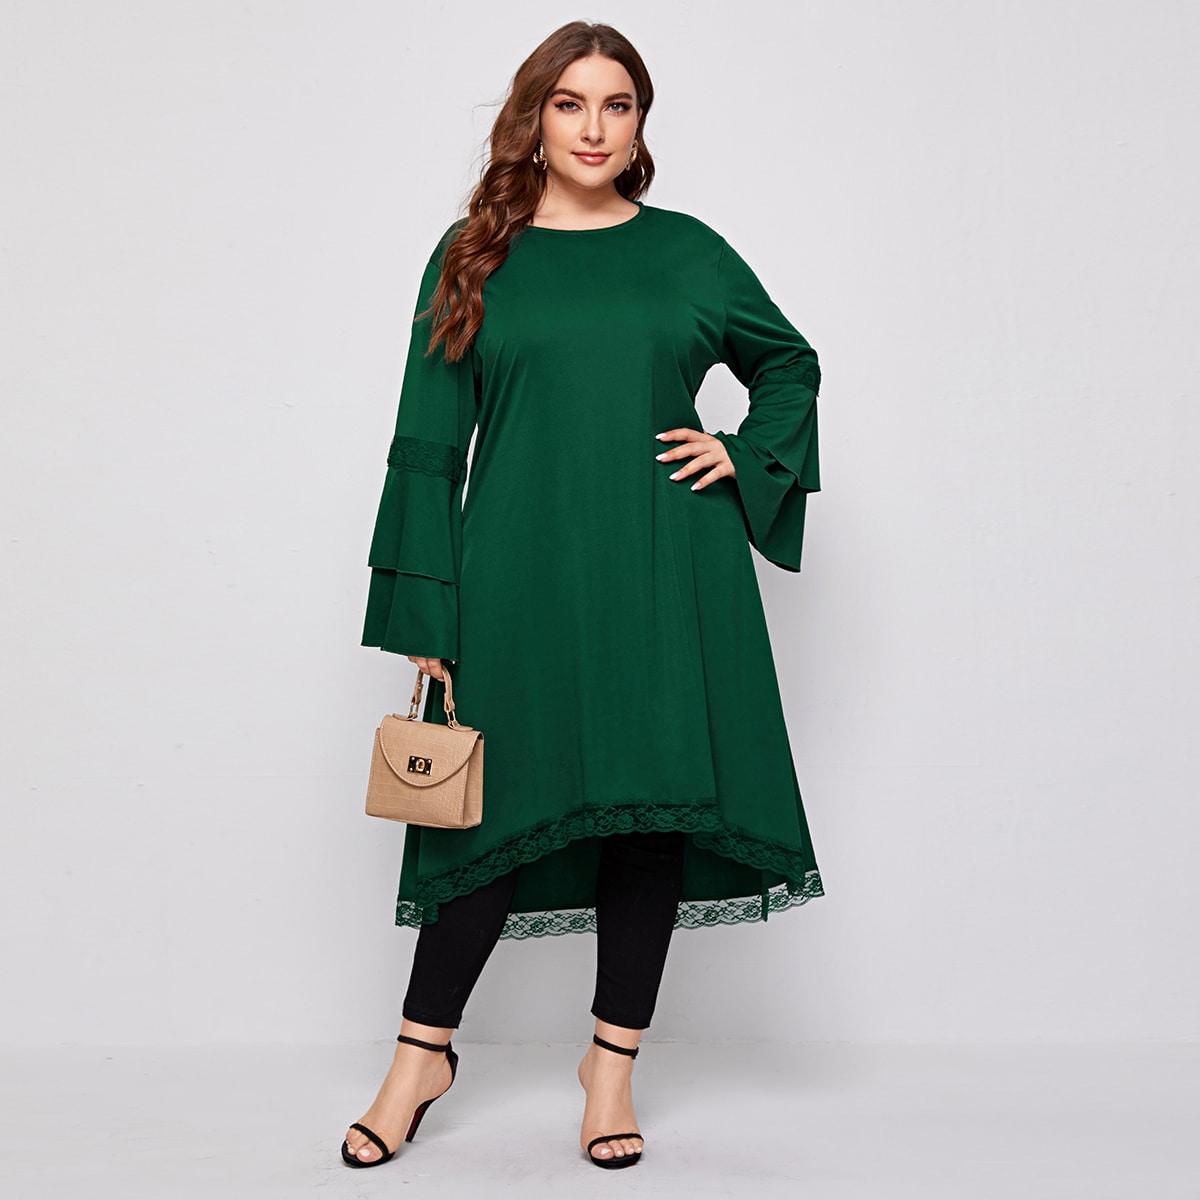 SHEIN / Blusas Extra Grandes Encaje en contraste Liso Elegante